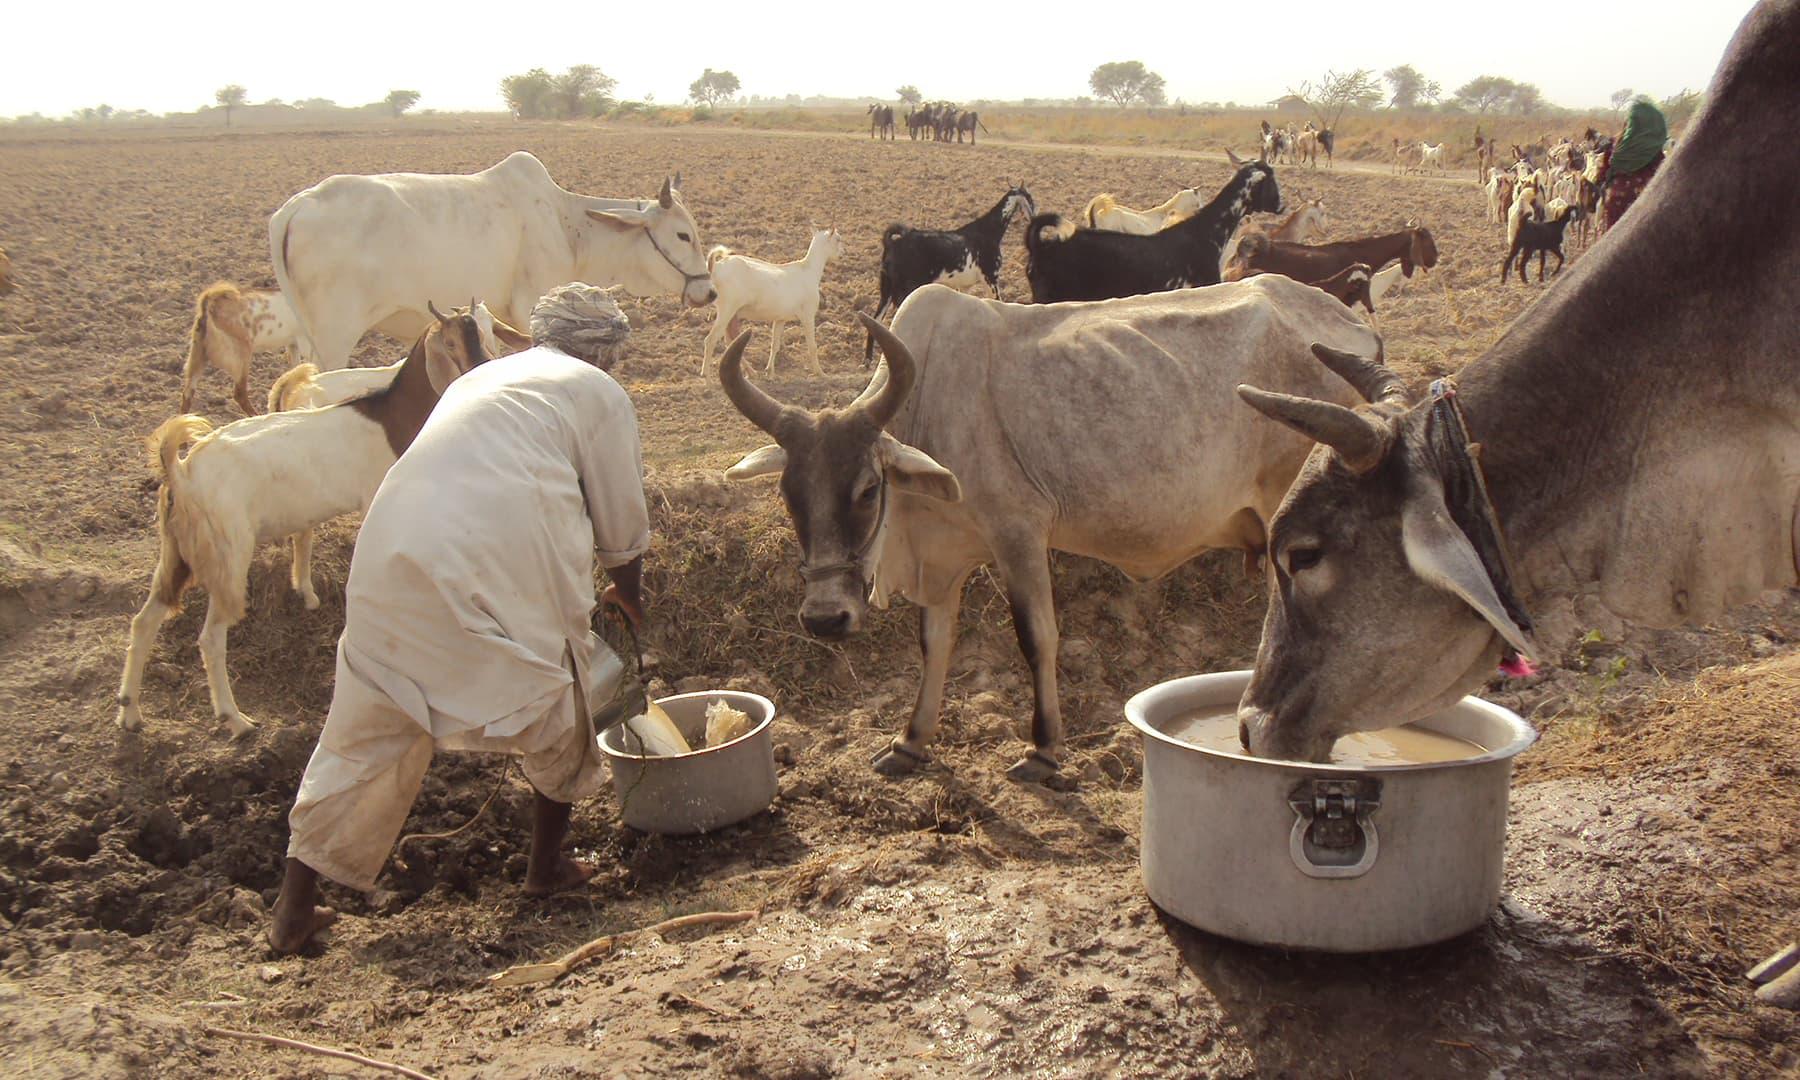 کنویں کی کھدائی کے بعد پانی مل جائے تو انسانوں اور مویشیوں کے لیے پینے کے پانی کا مسئلہ وقتی طور پر حل ہوجاتا ہے—ابوبکر شیخ